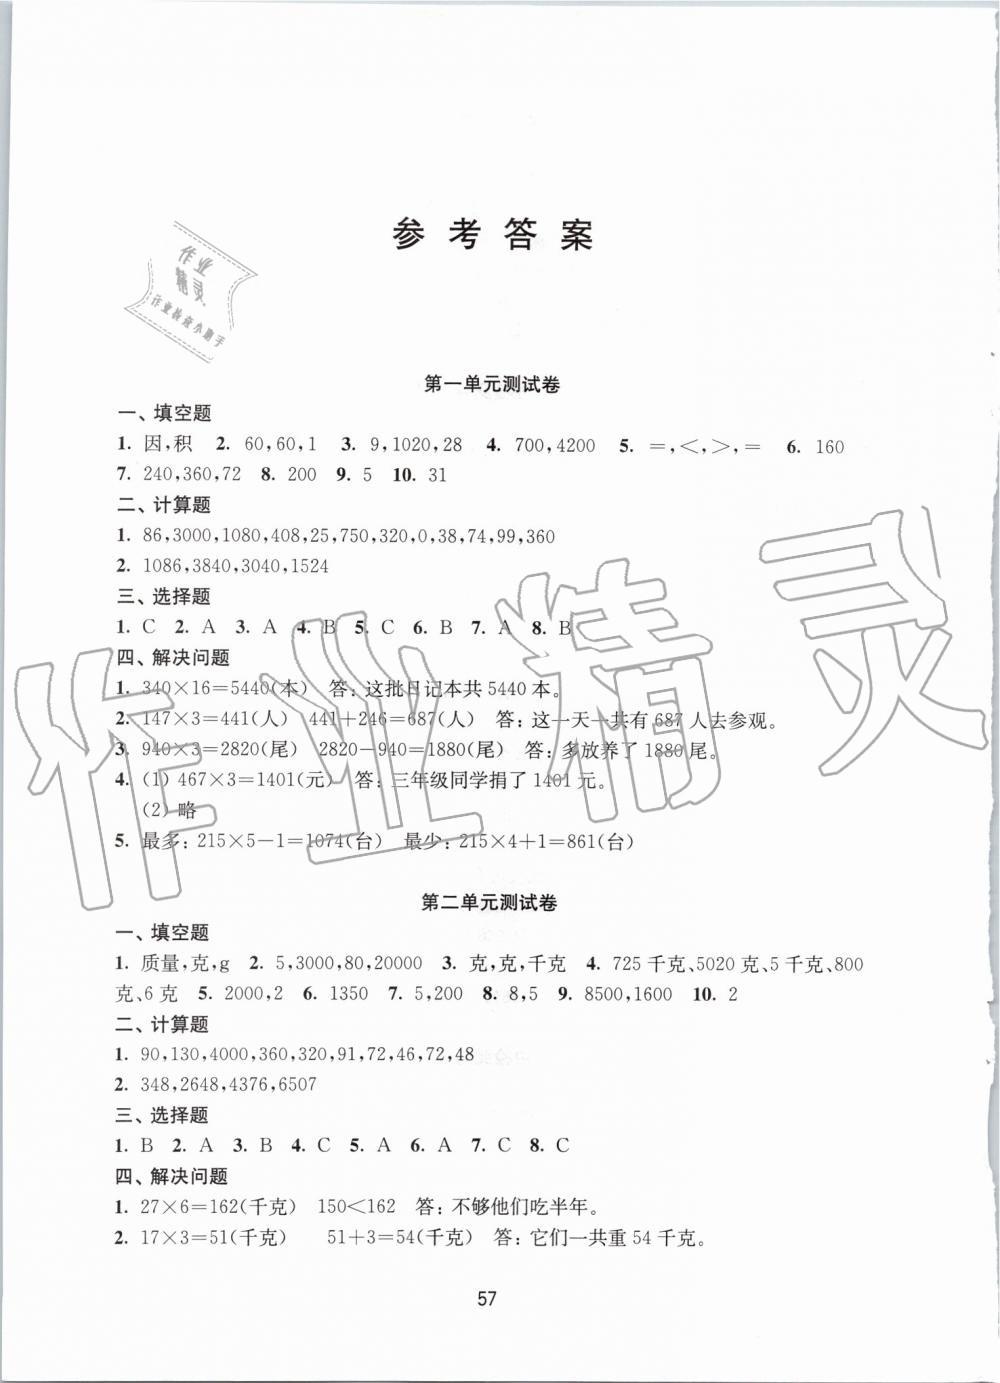 2019苏教版三年级上册数学课课练活页卷答案